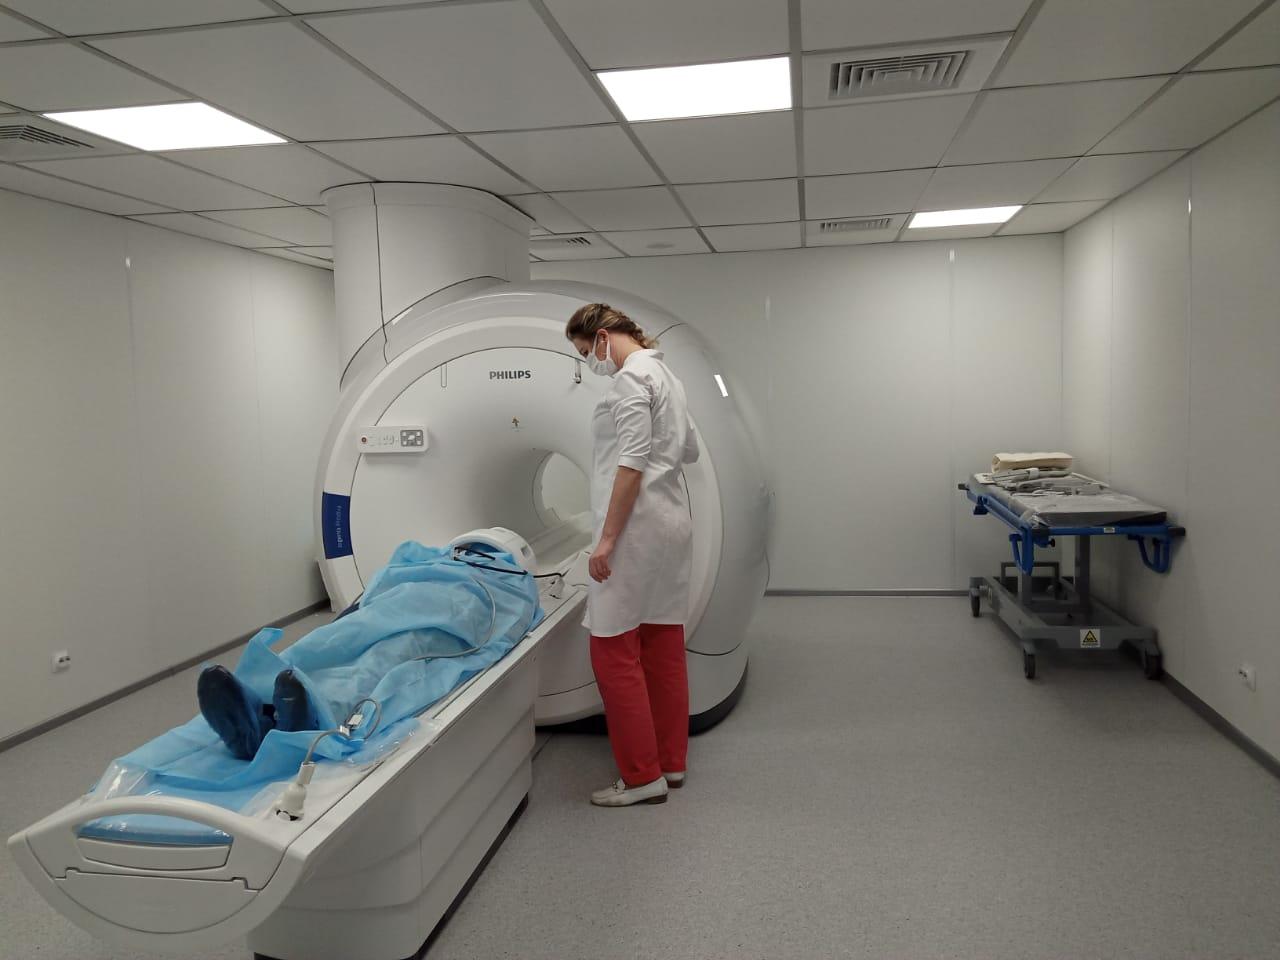 Врачи областной больницы начали обследовать наиболее тяжелых пациентов на новом магнитно-резонансном томографе